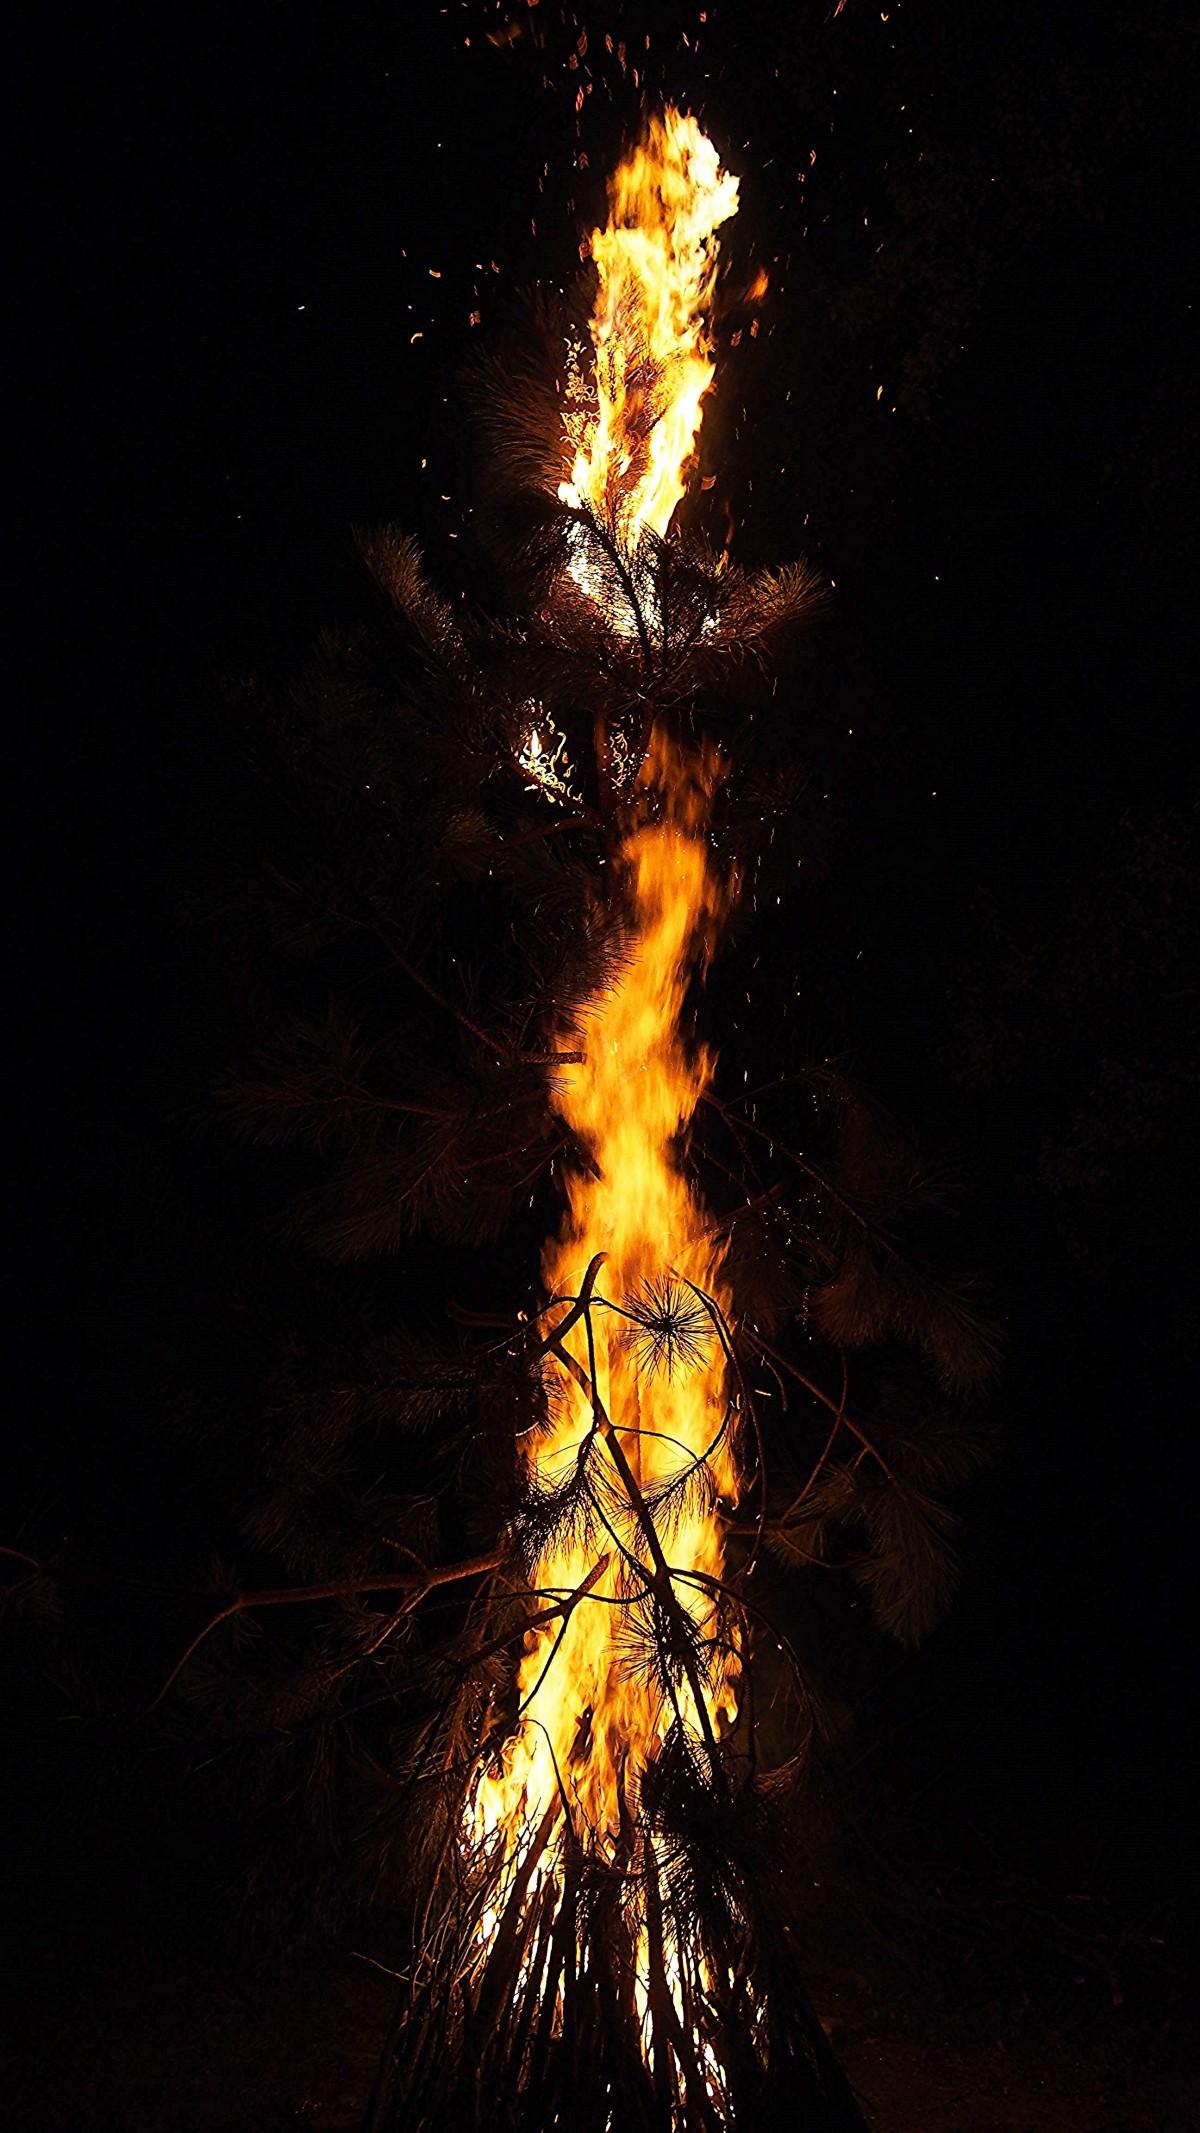 圖片素材 : 晚, 焰火, 火焰, 篝火, 爆炸 4898x3265 - - 150084 - 素材中國, 高清壁紙 - PxHere攝影圖庫